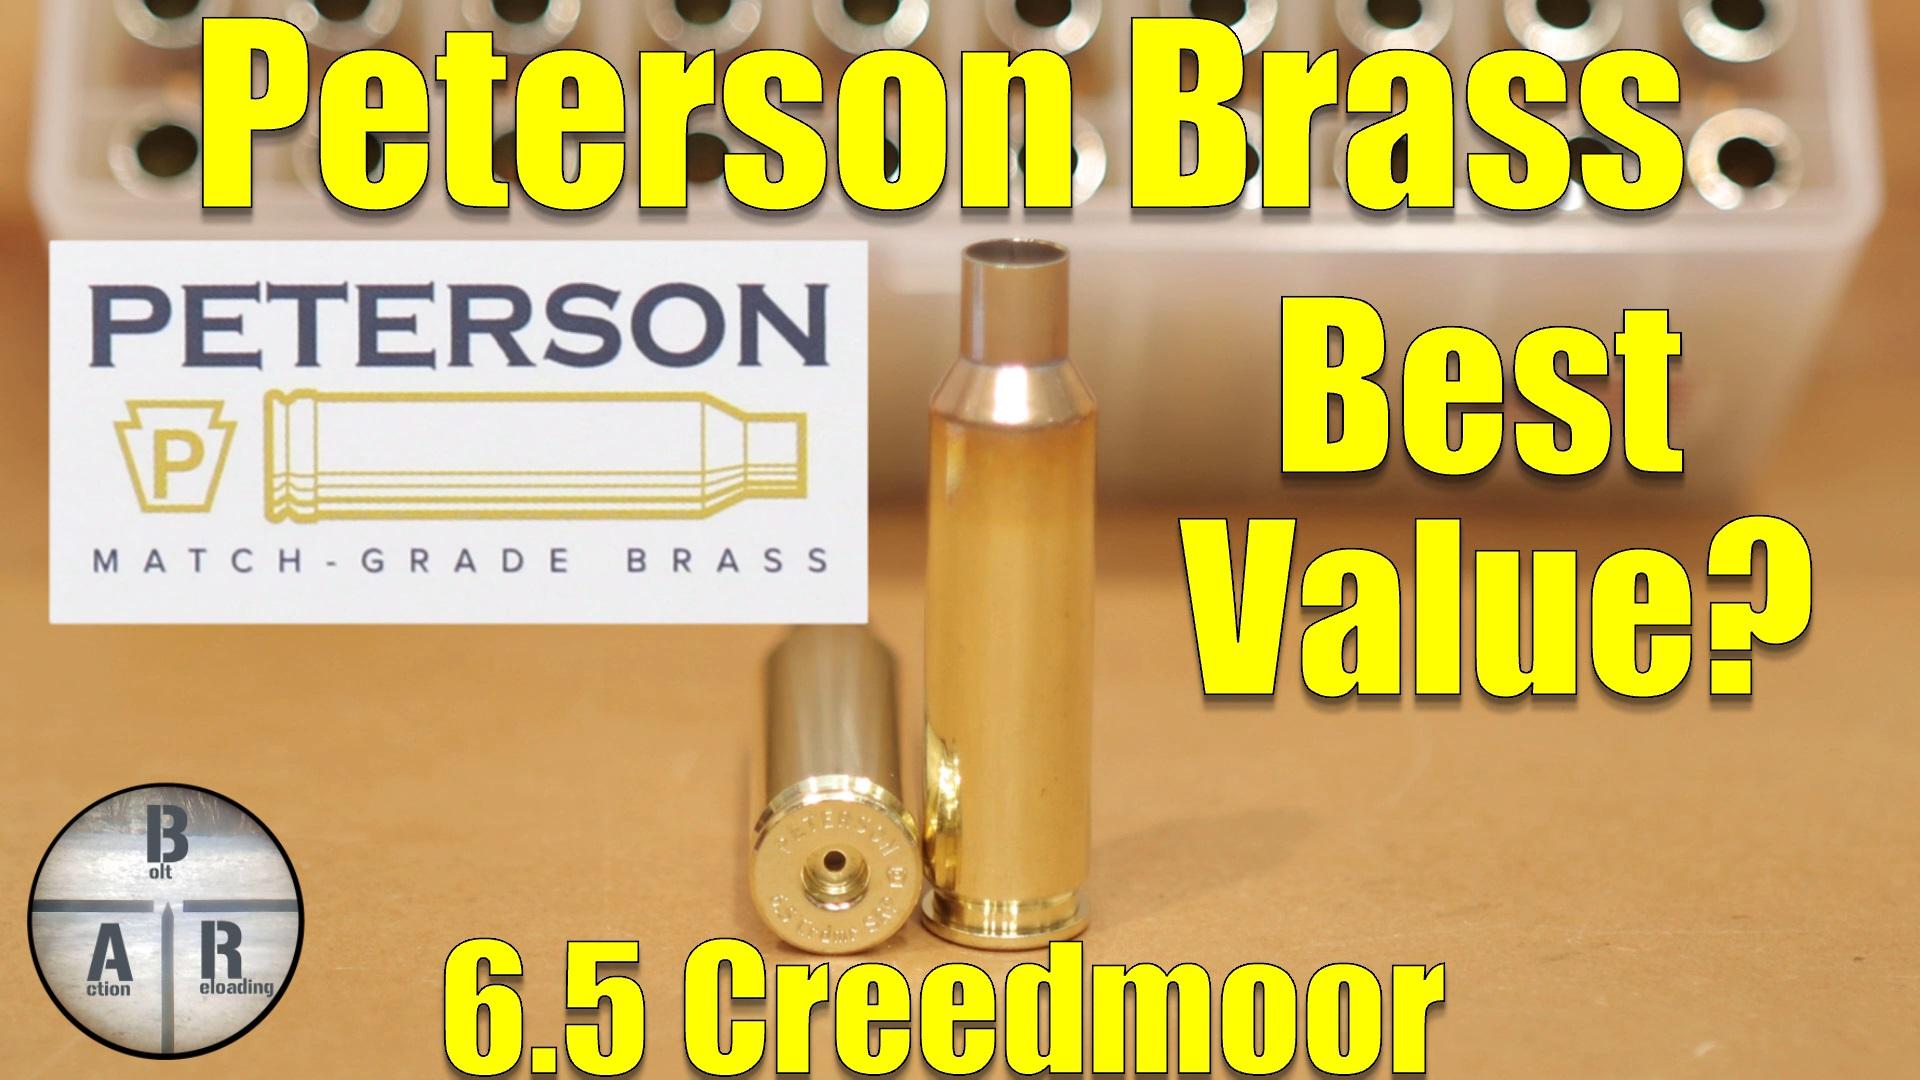 6mm Creedmoor - Starting Load Development - The Reloaders